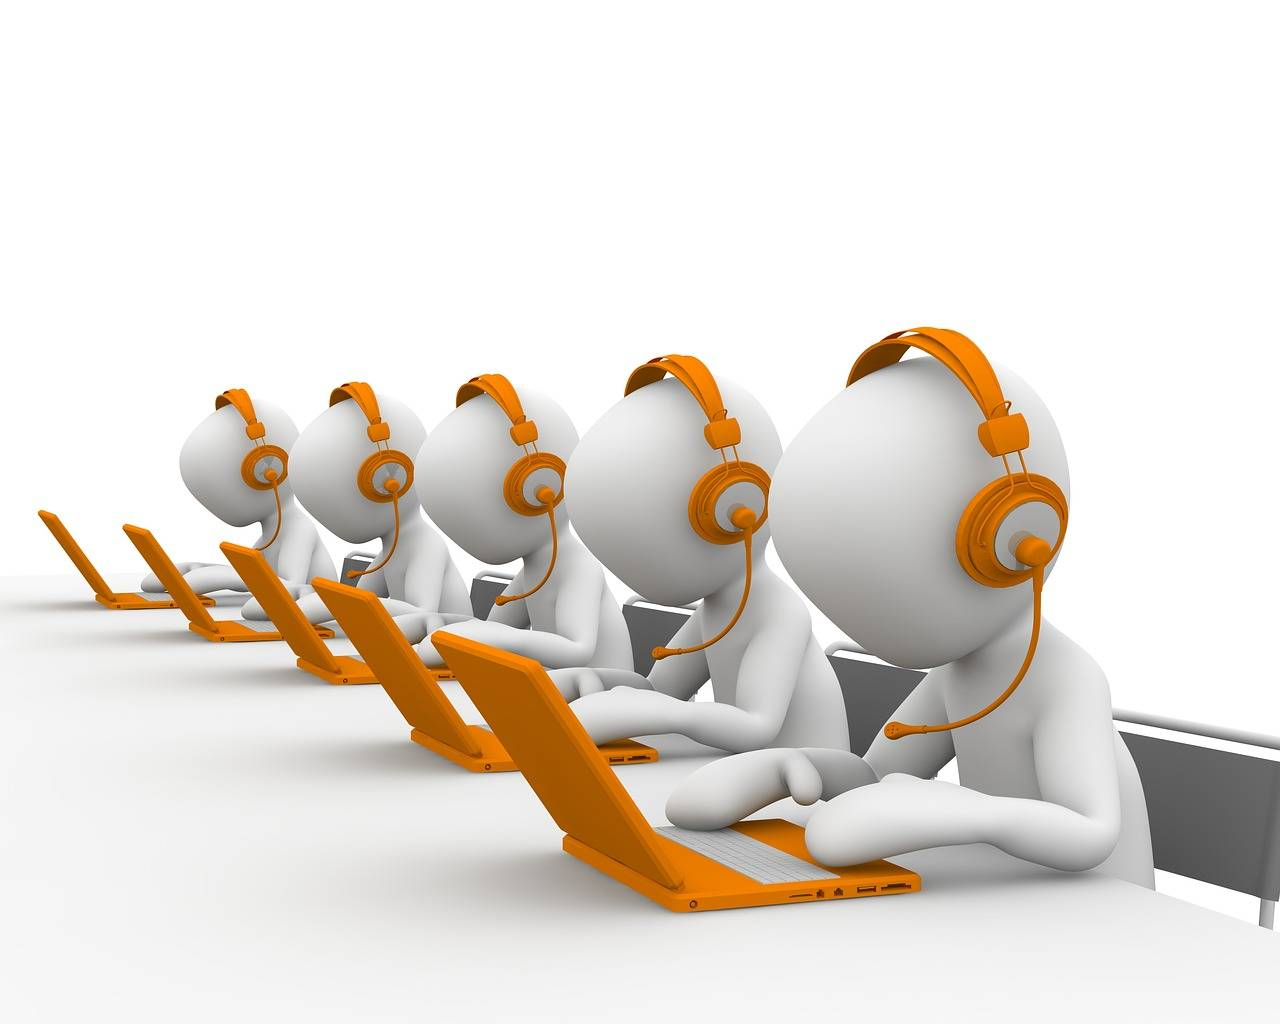 call-center-1015274_1280.jpg